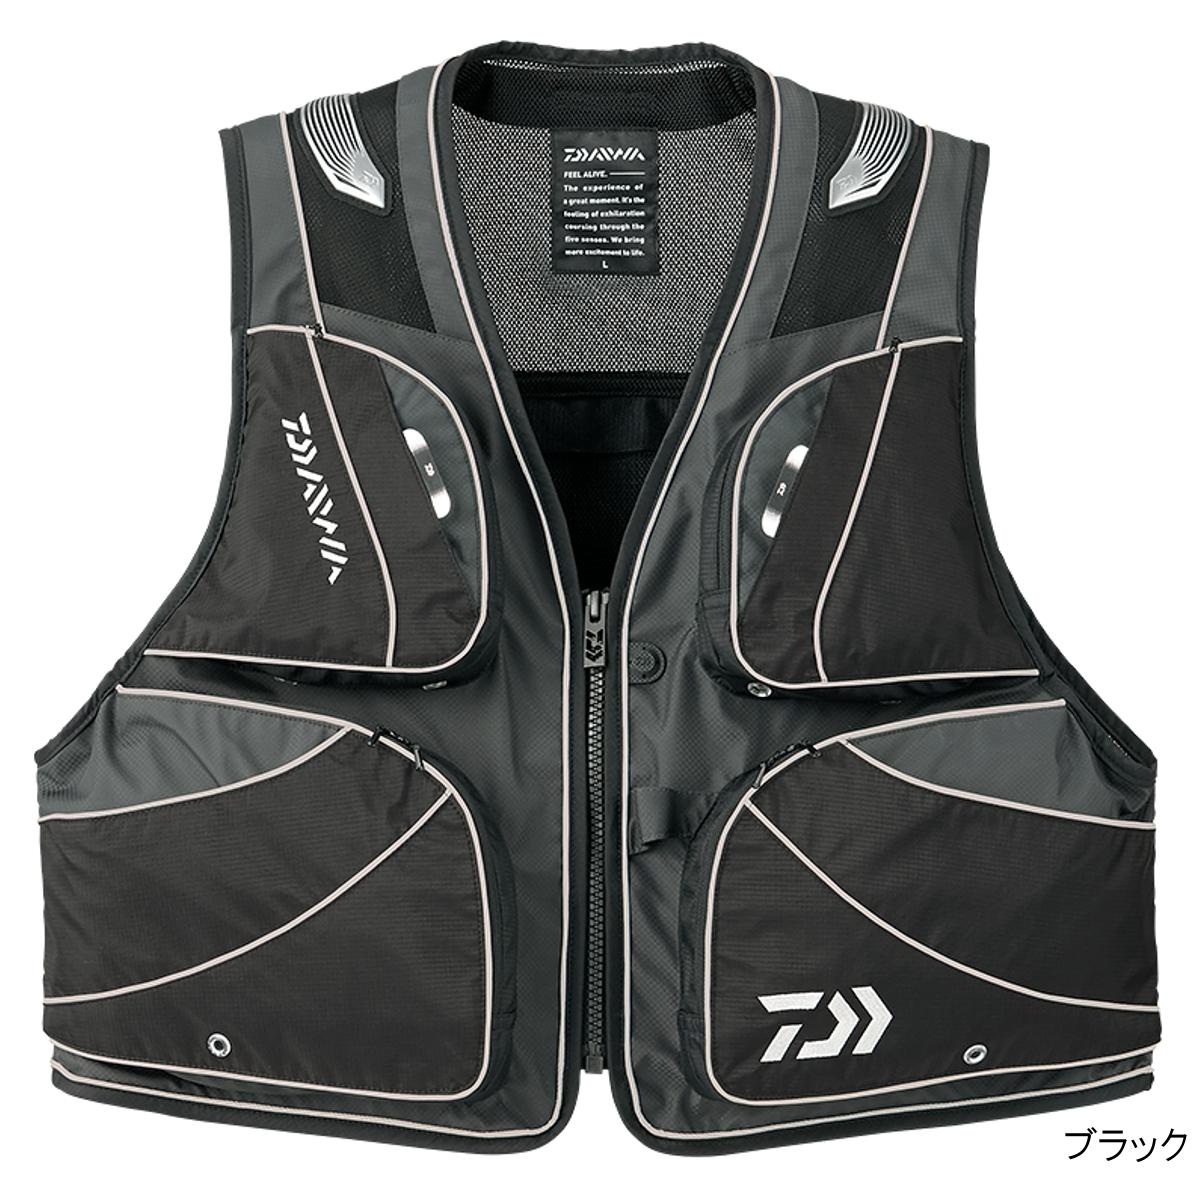 ダイワ DV-3008 バリアテック バリアテック ショートベスト DV-3008 XL ダイワ ブラック, FoRady:50e1585f --- officewill.xsrv.jp